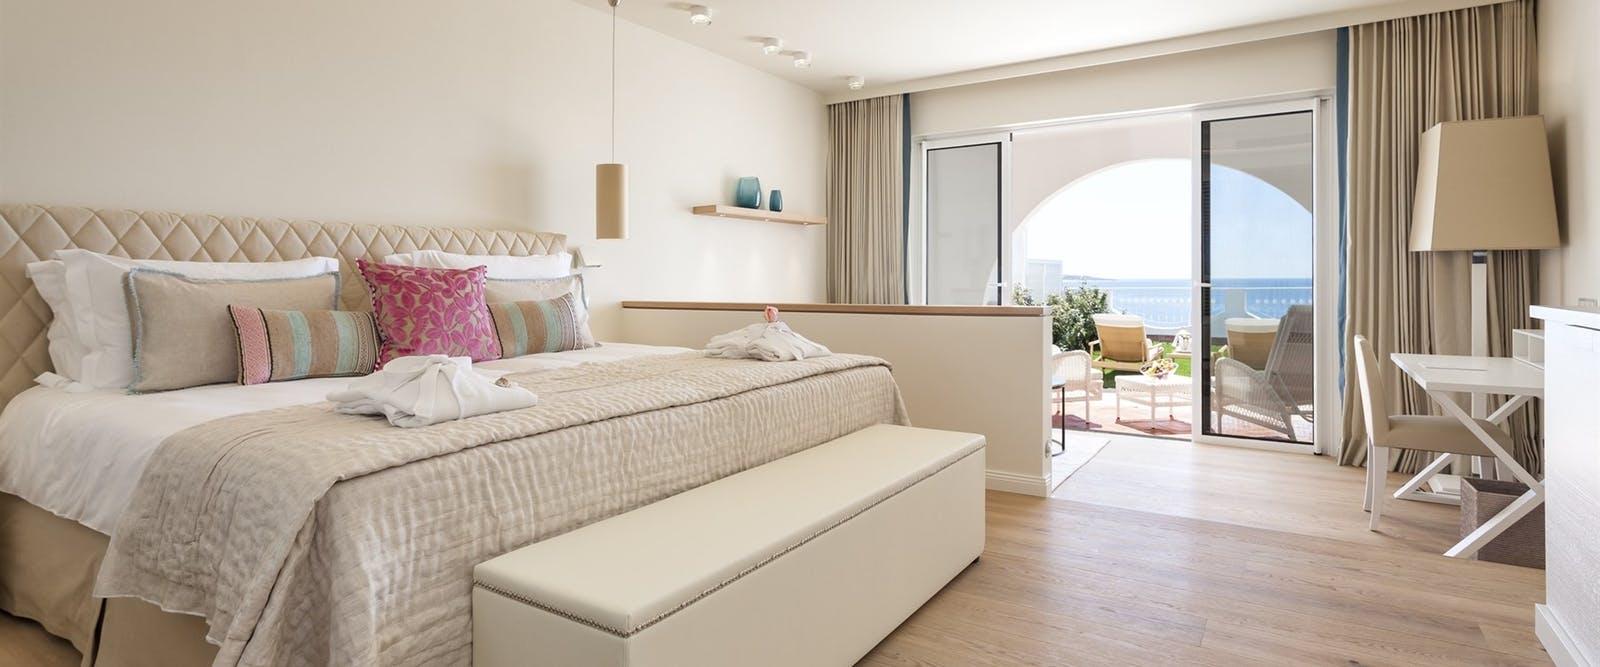 deluxe_ocean_view_room